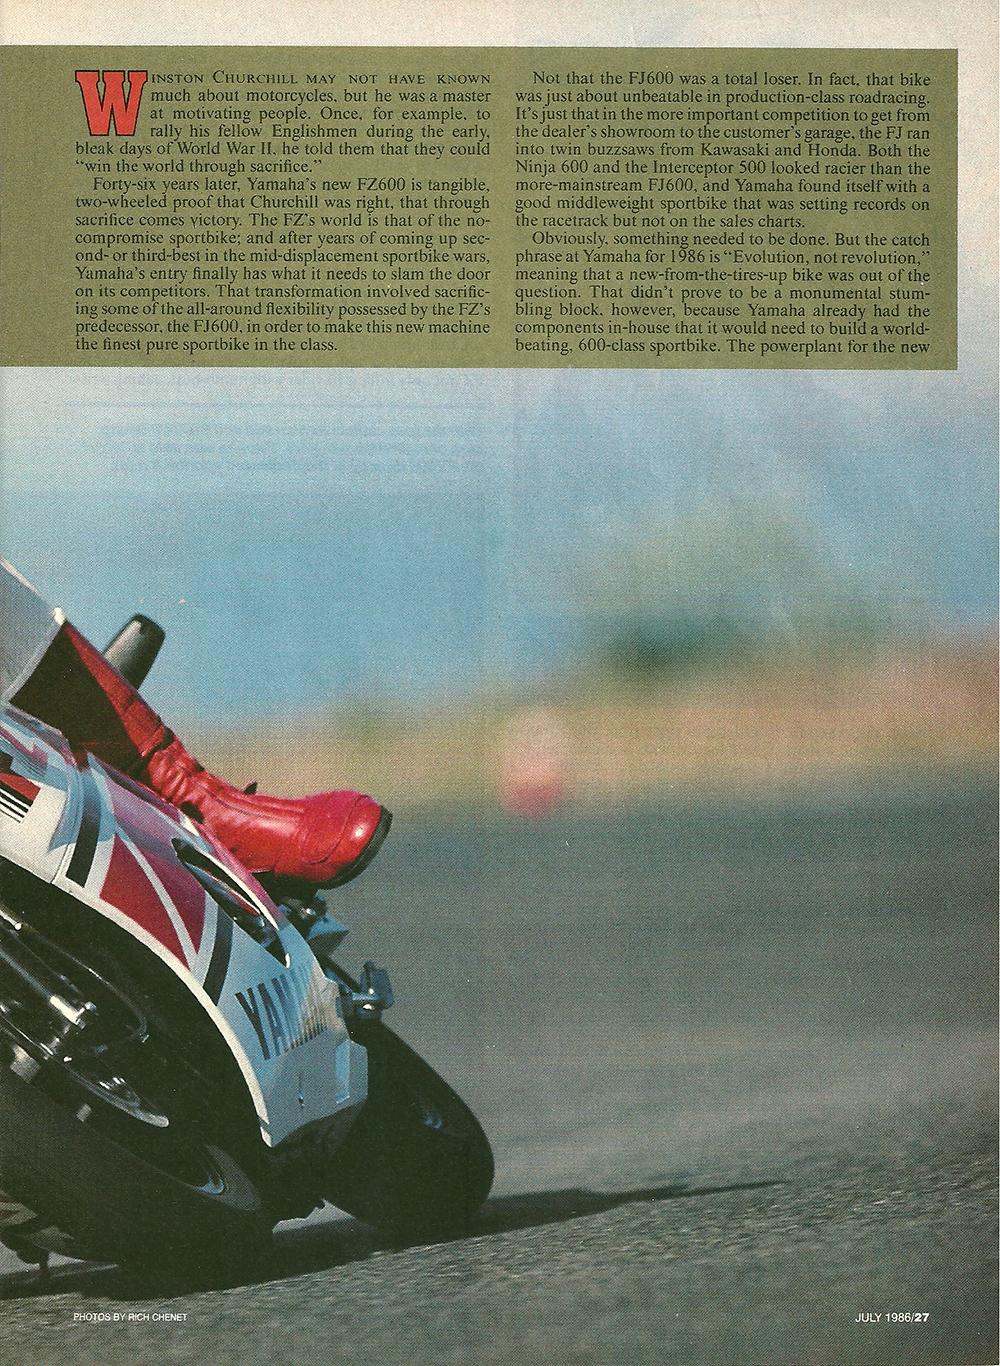 1986 Yamaha FZ600 road test 02.jpg